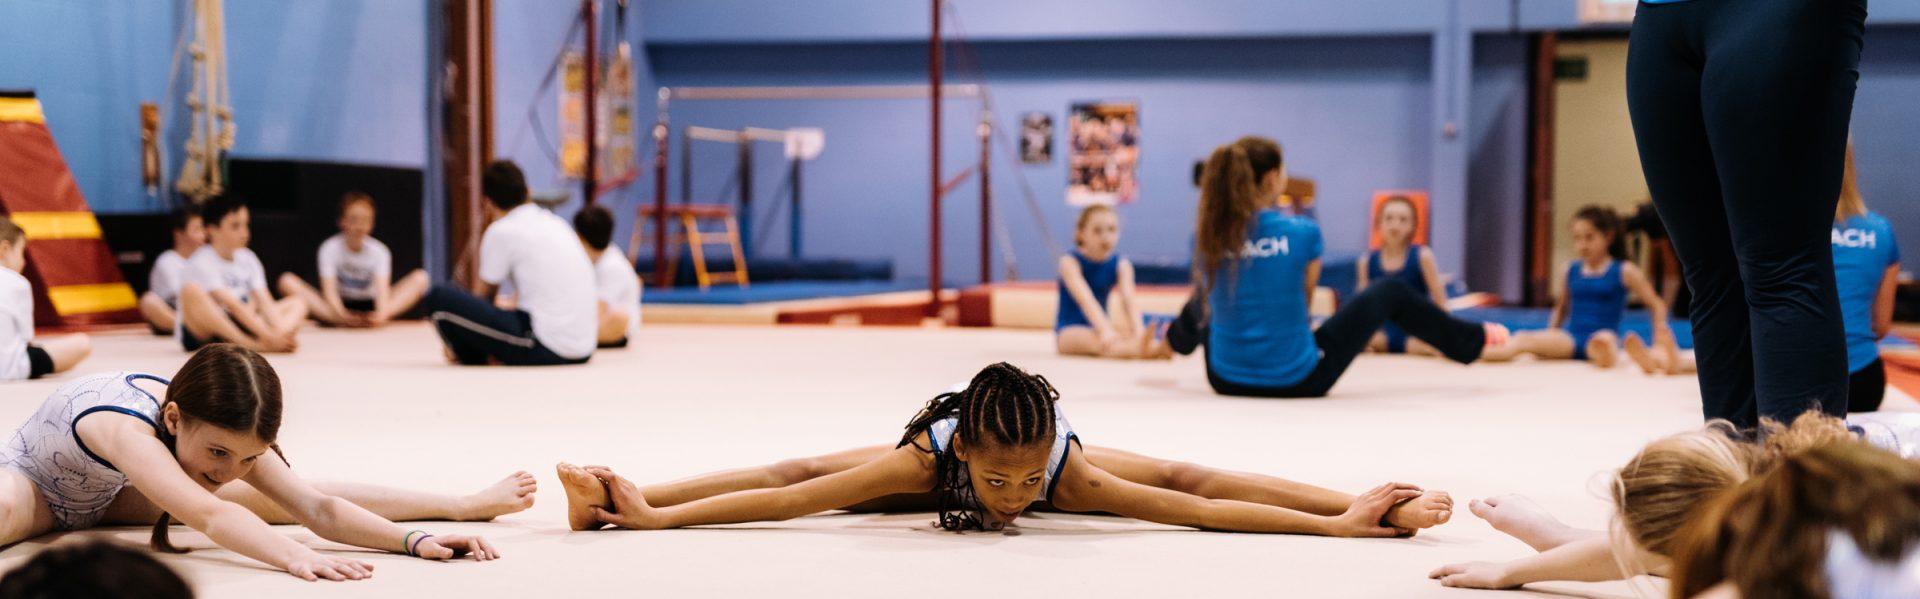 GymFun, a Newtownabbey based gymnastics club